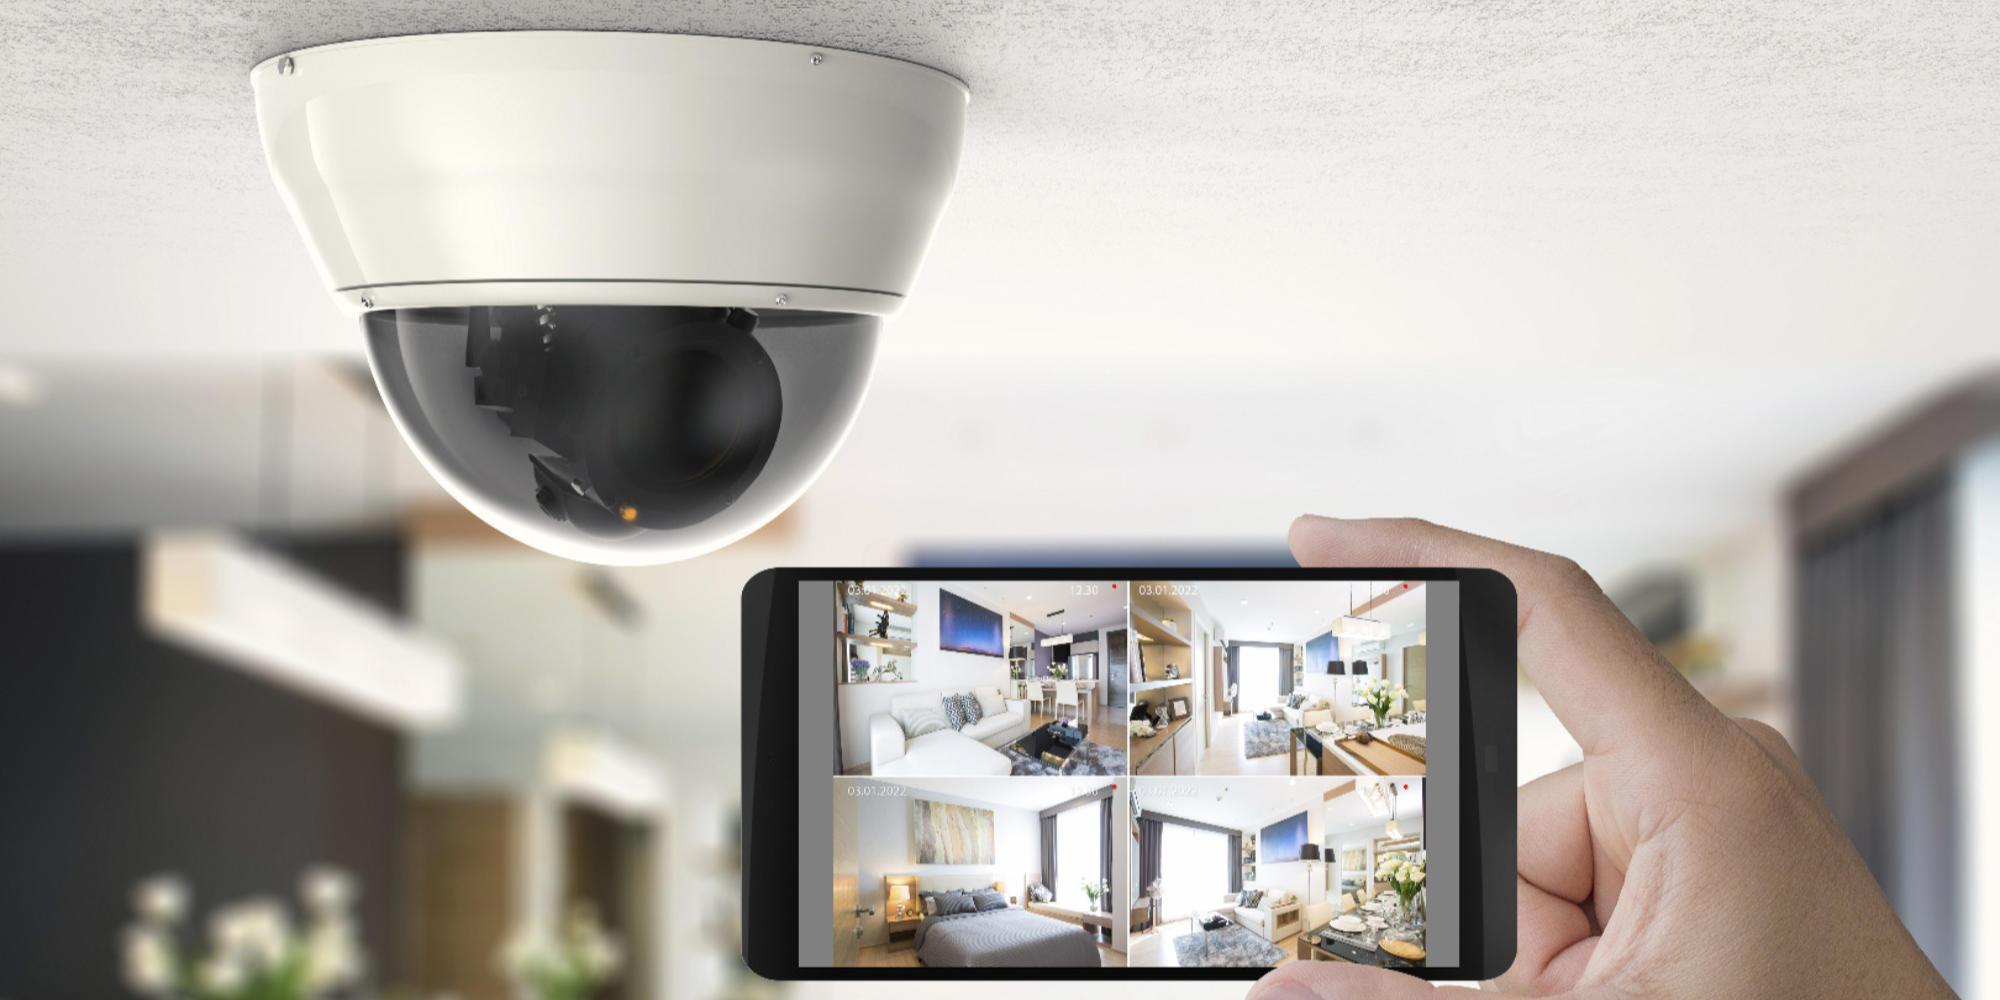 Système d'alarme avec vidéosurveillance